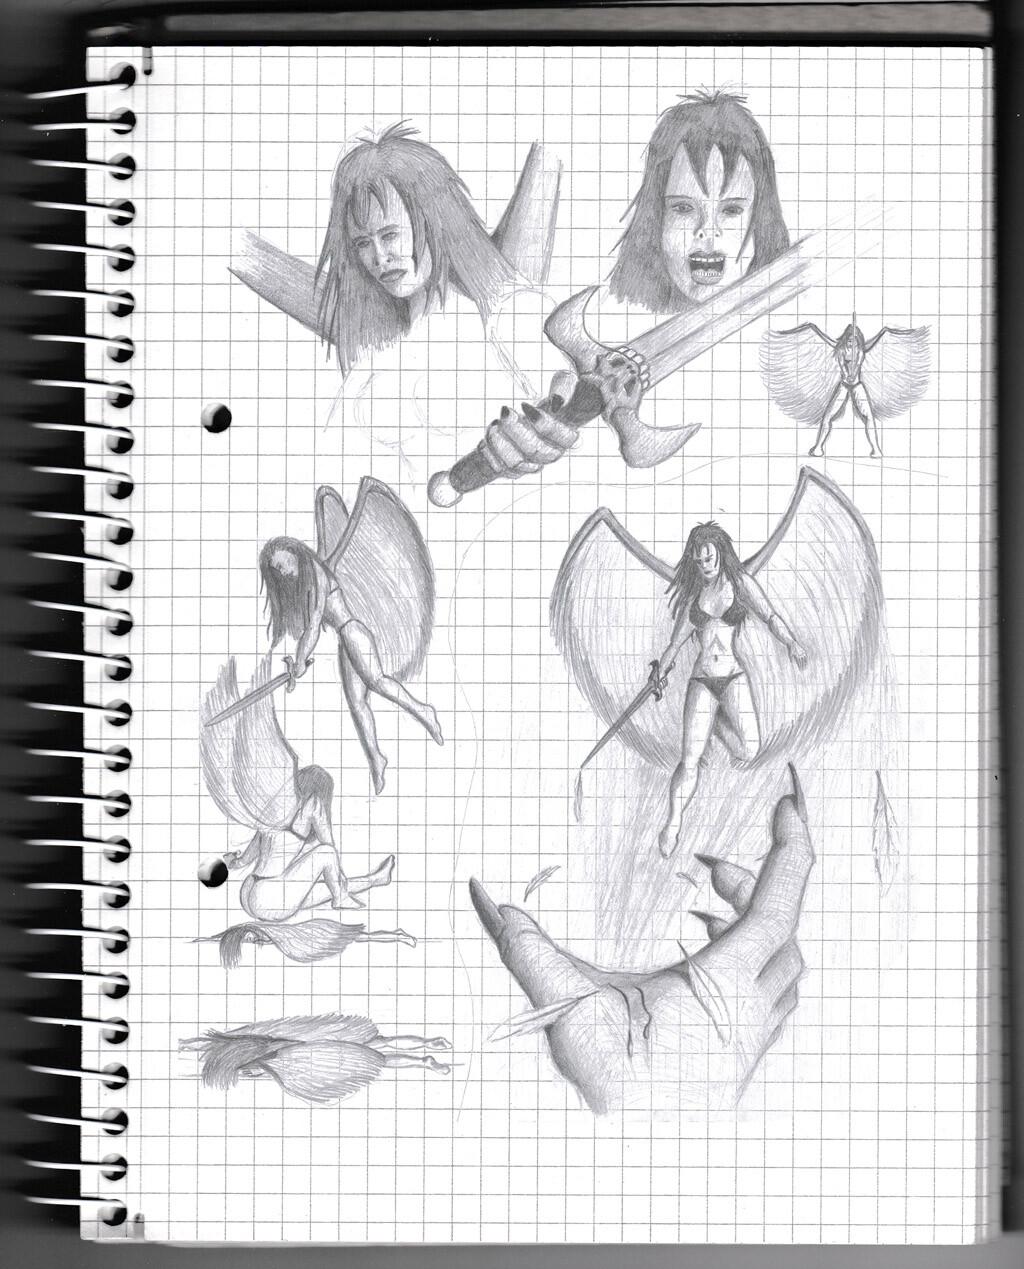 angel, fantasy, lady, warrior, sketch, pencil,